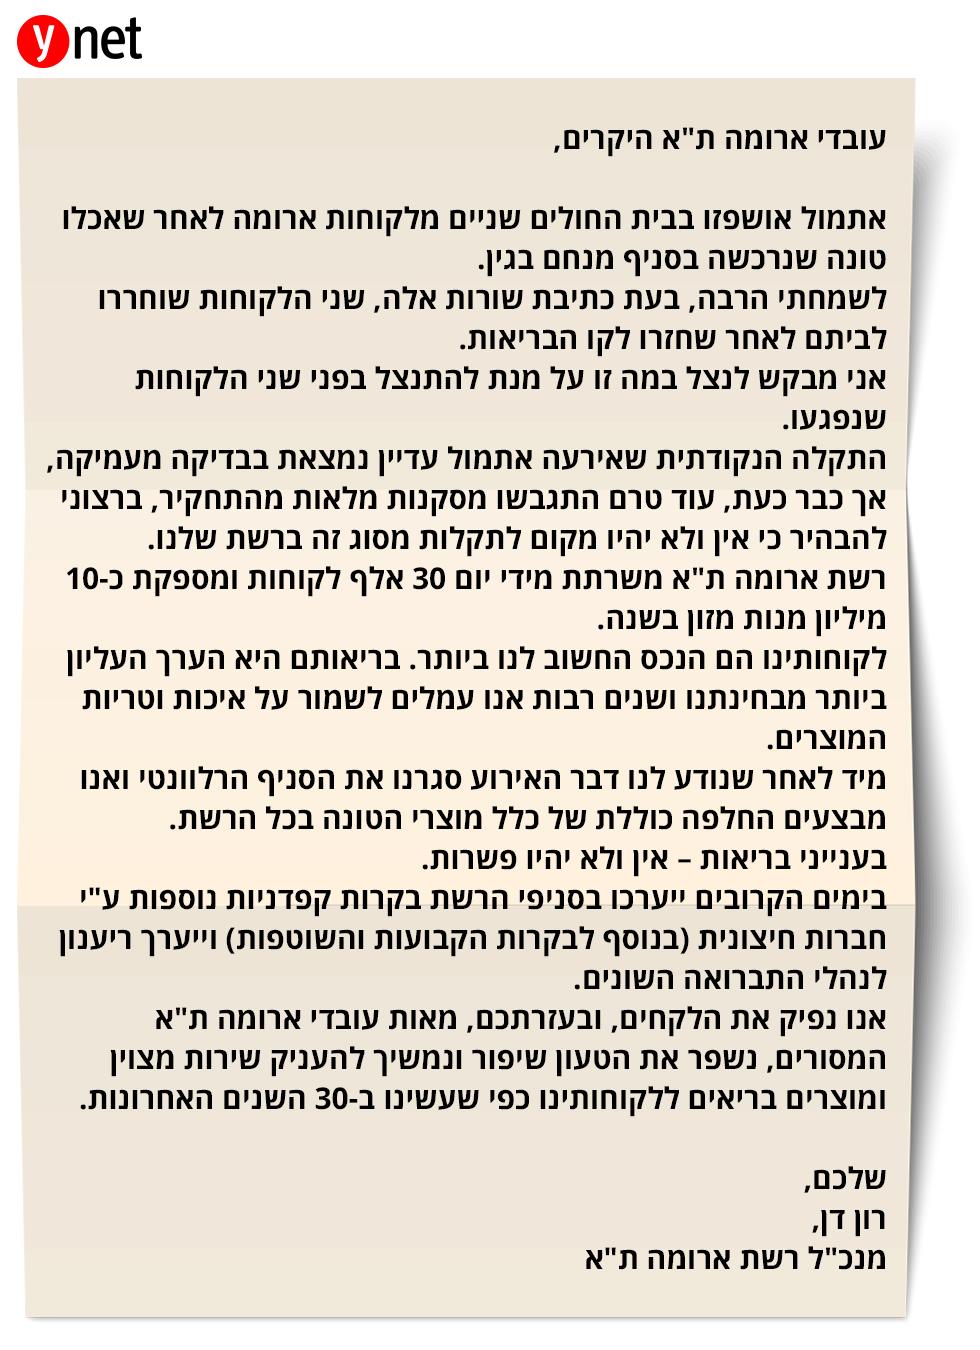 """Письмо гендиректора сети """"Арома"""" в Тель-Авиве Рона Дана"""